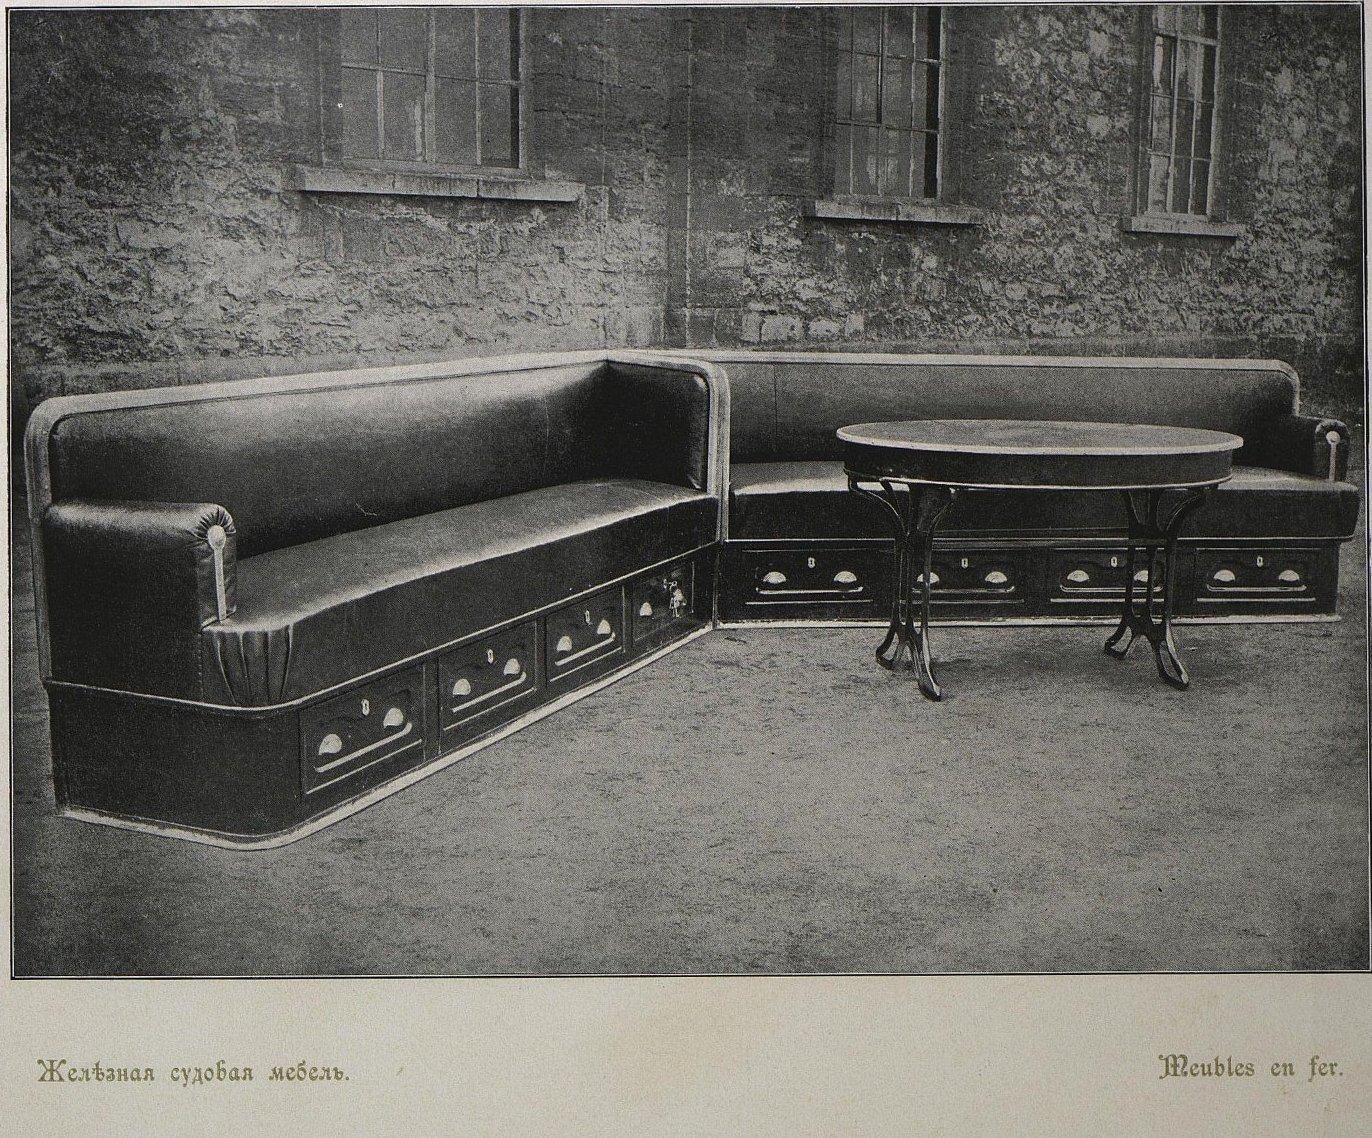 Железная судовая мебель